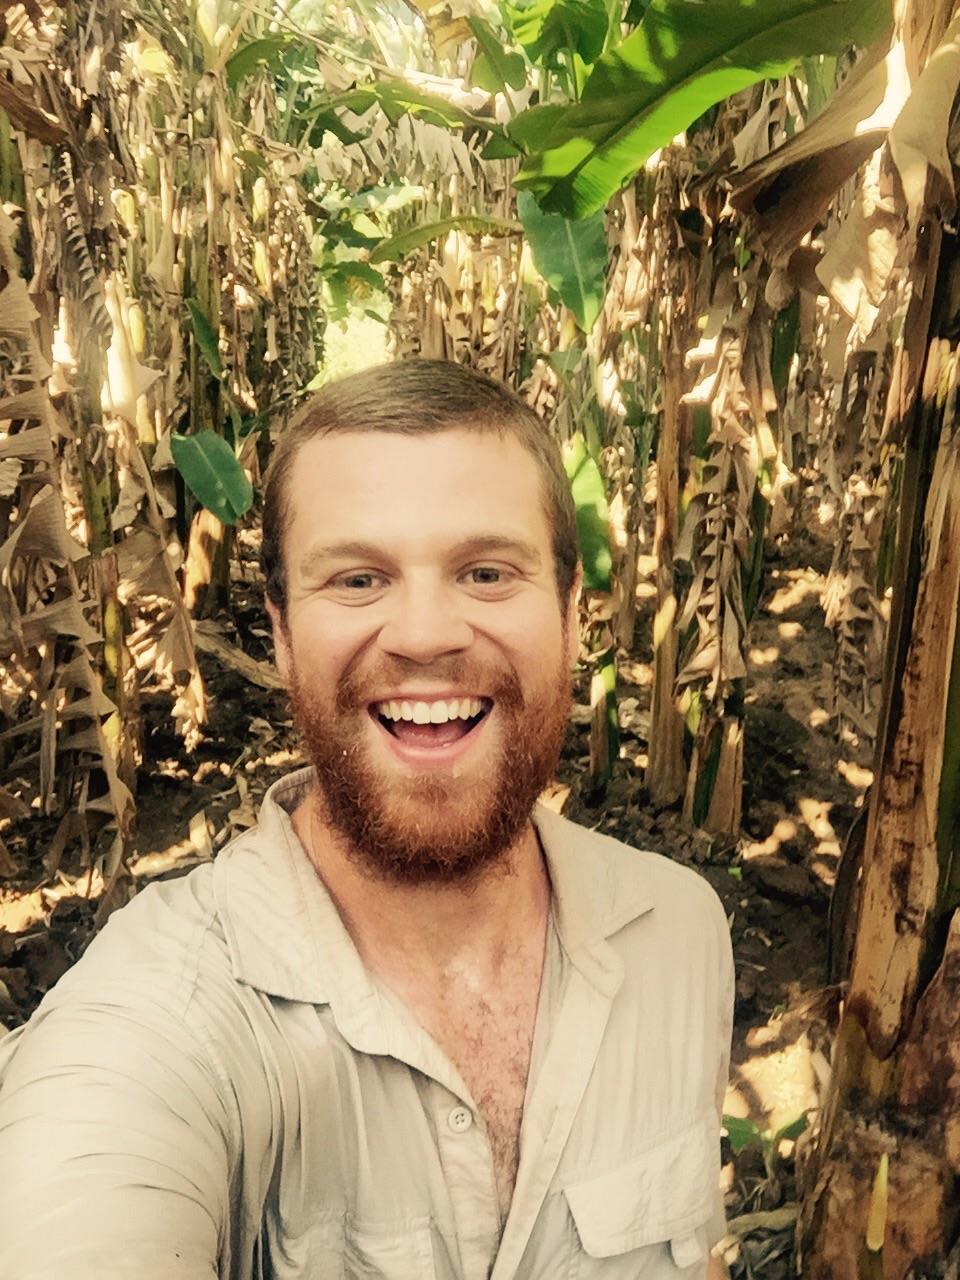 Wandering through the banana plantations